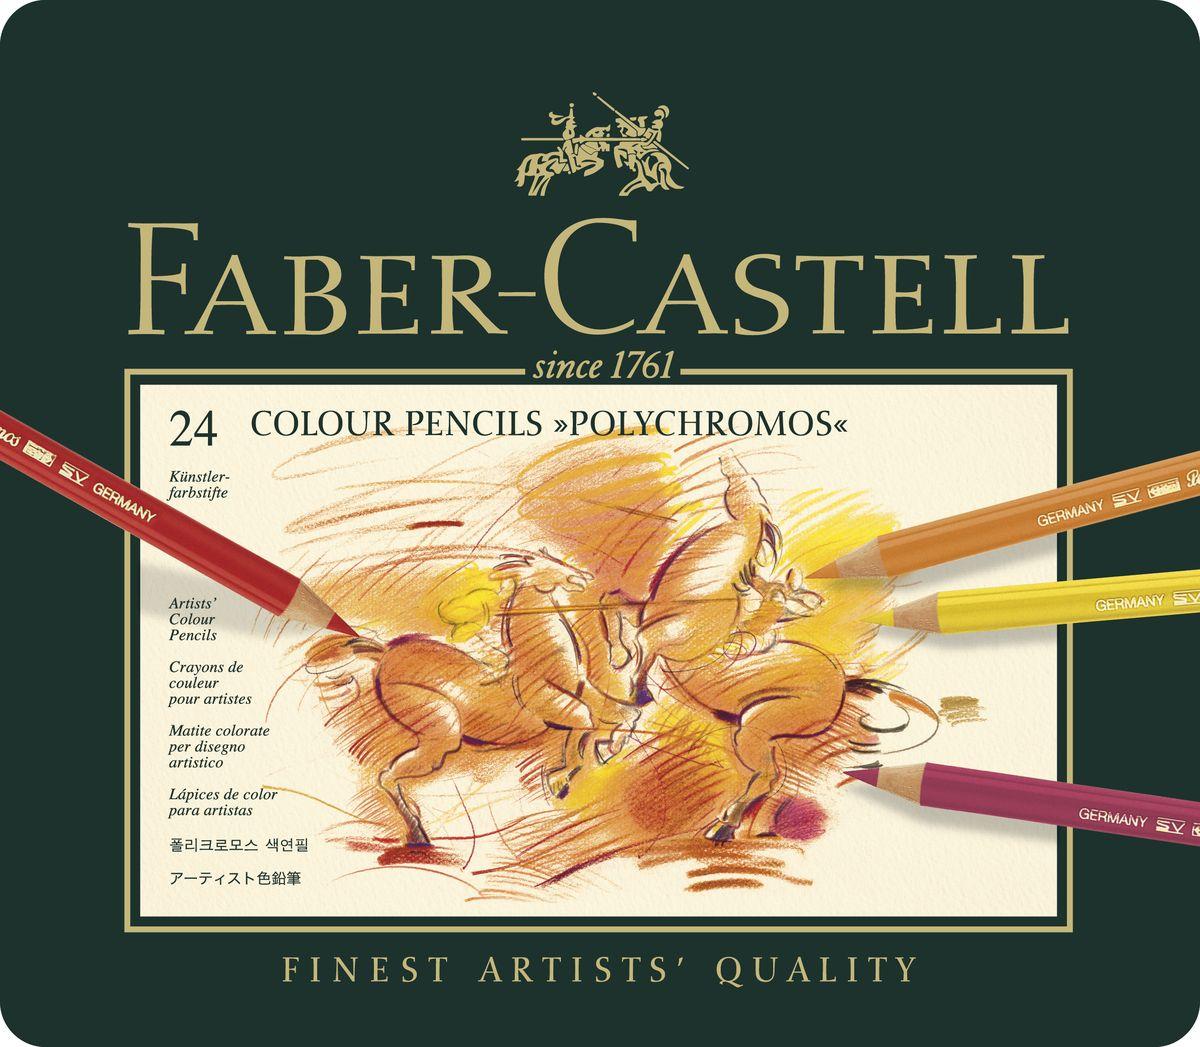 Faber-Castell Цветные карандаши POLYCHROMOS набор цветов в металлической коробке 24 шт110024цветные карандаши наивысшего качества • высокое содержание очень качественных пигментов гарантирует устойчивость к воздействию света и интенсивность • грифель толщиной 3,8 мм • гладкий грифель на основе воска, водоустойчив, не размазывается